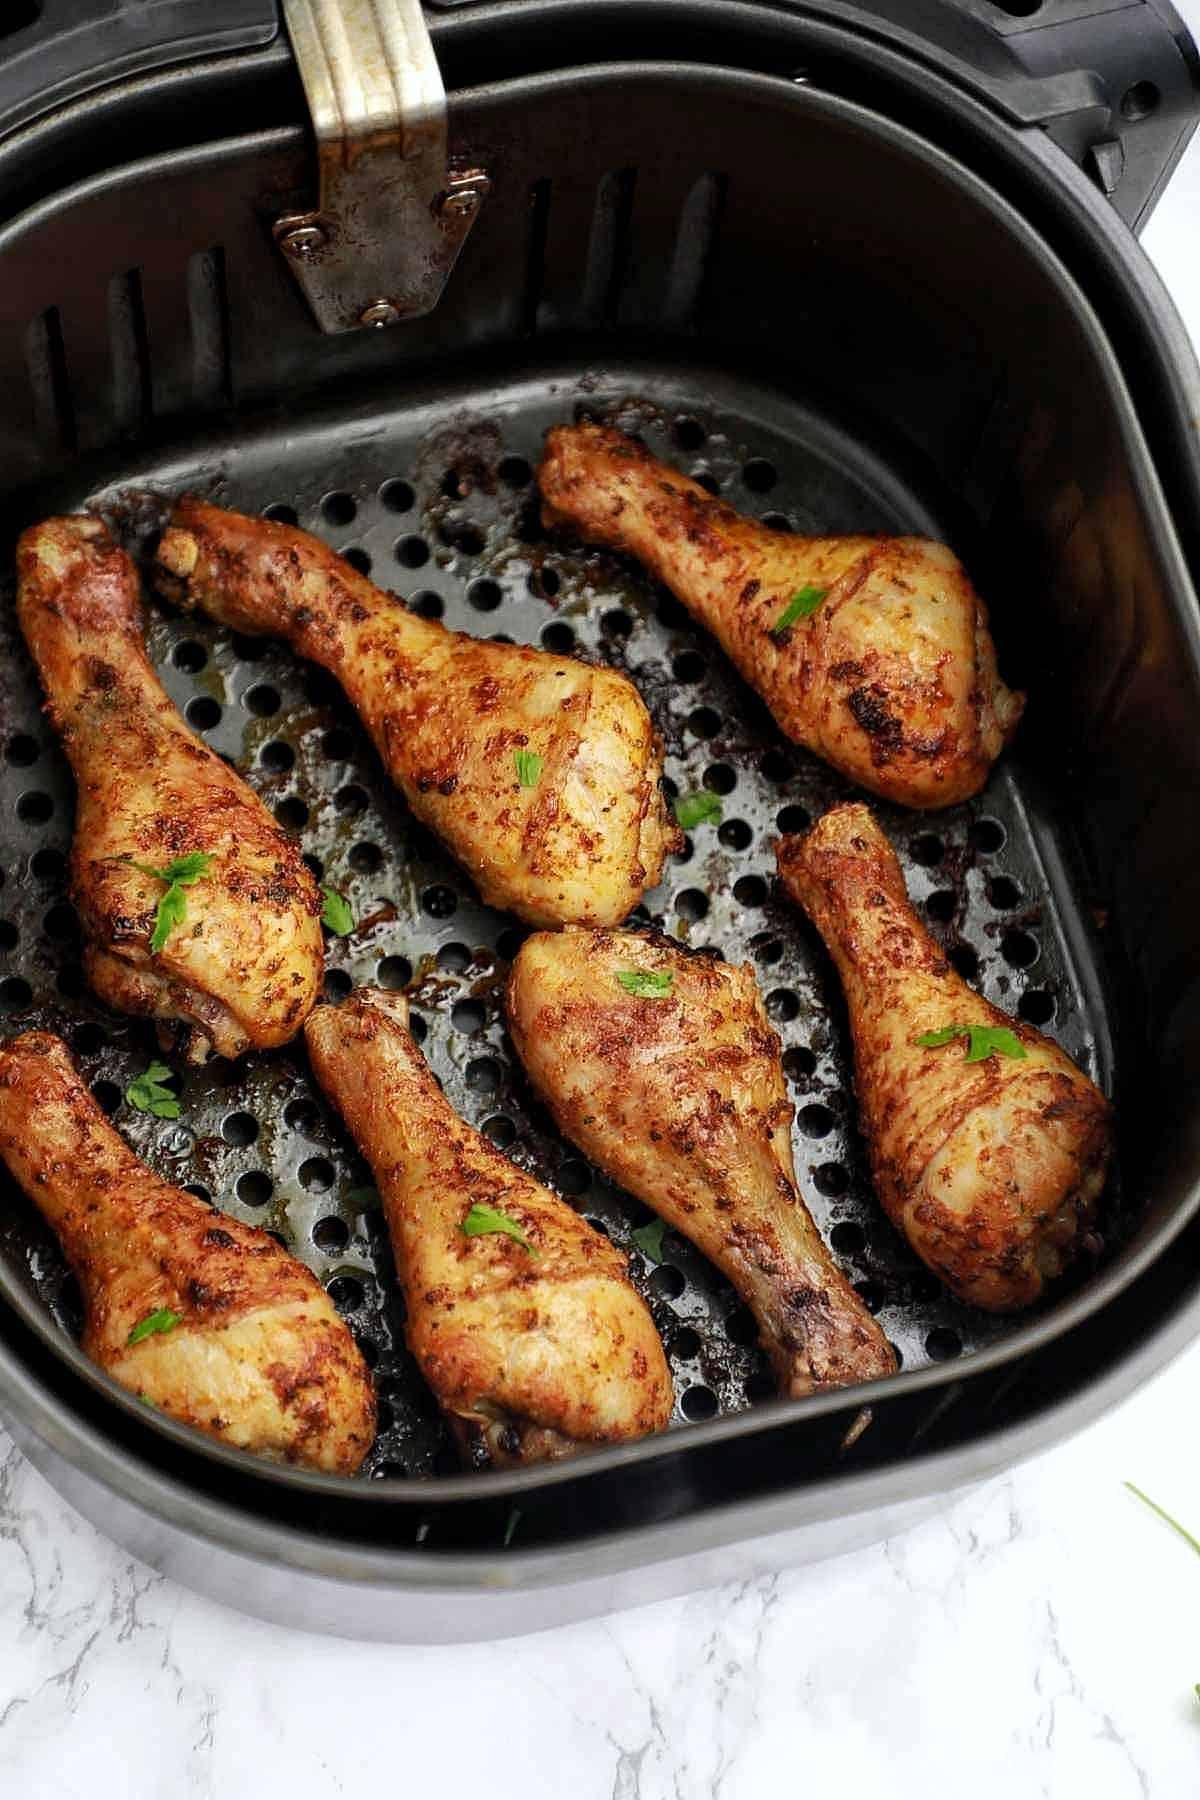 cooked frozen chicken drumsticks in air fryer basket.